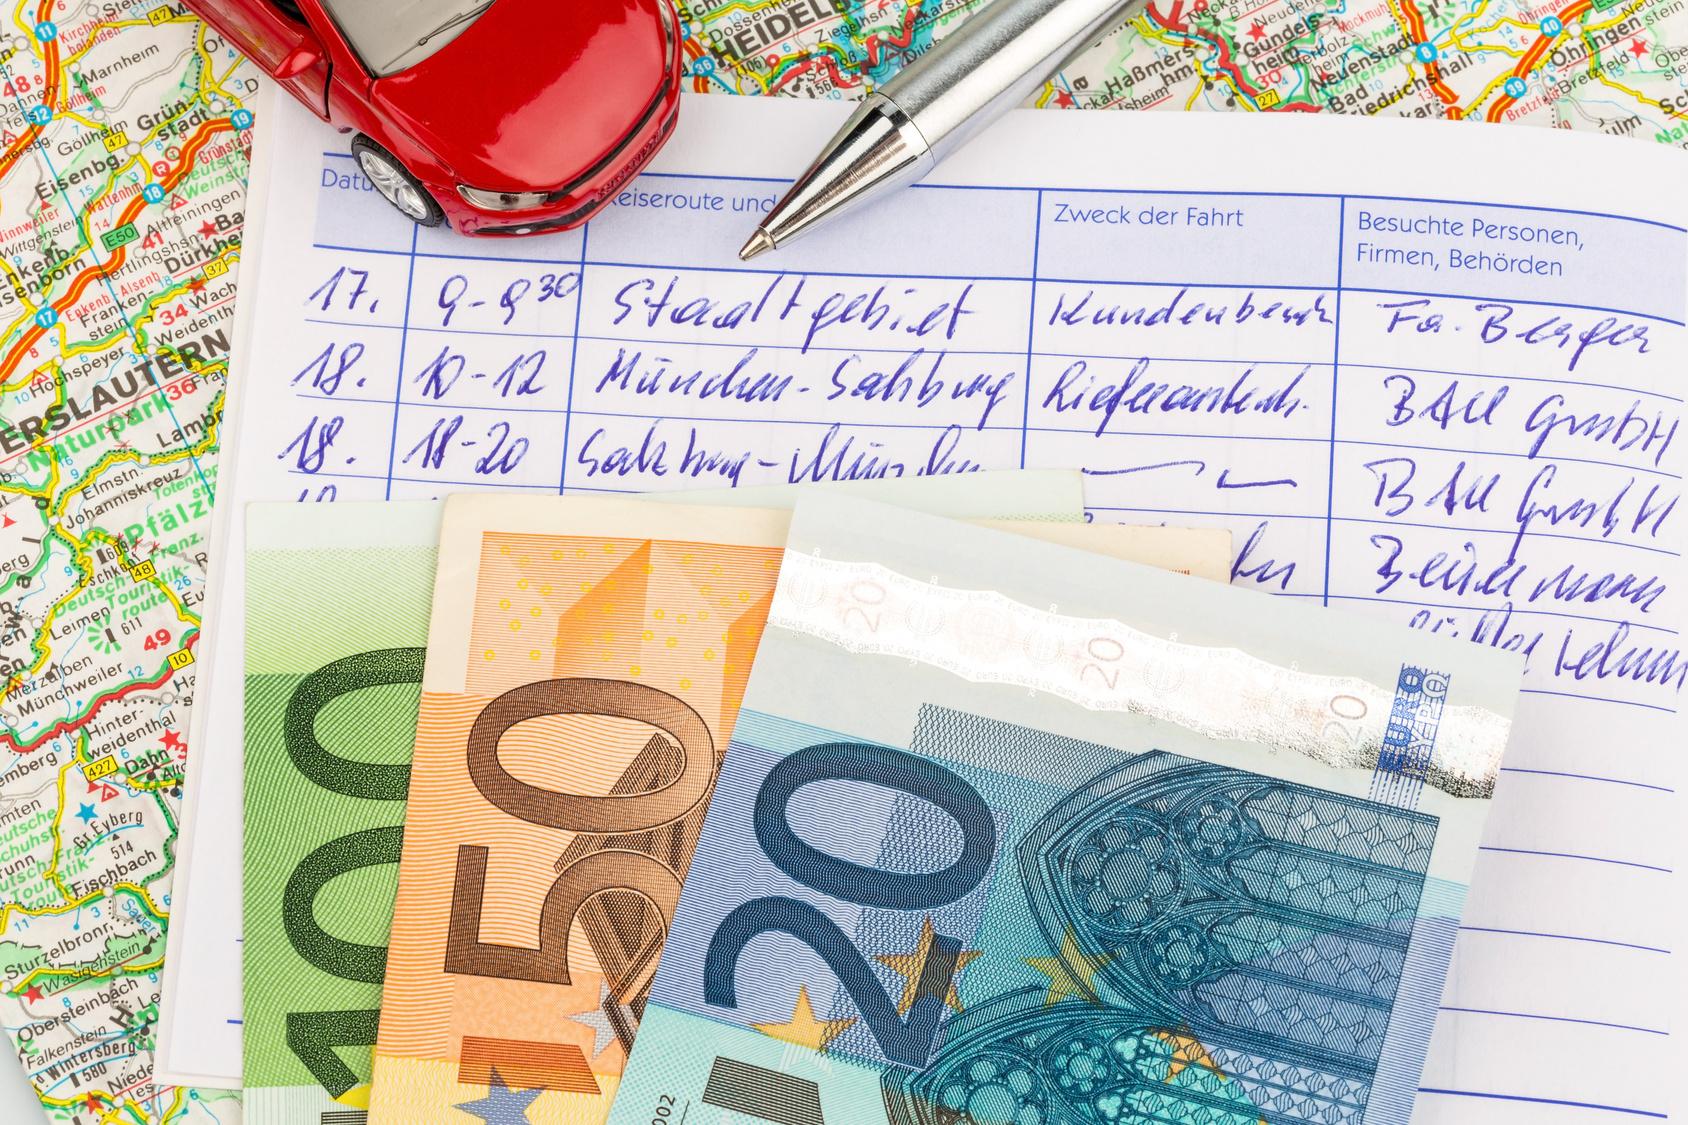 Fahrtkostenabrechnung